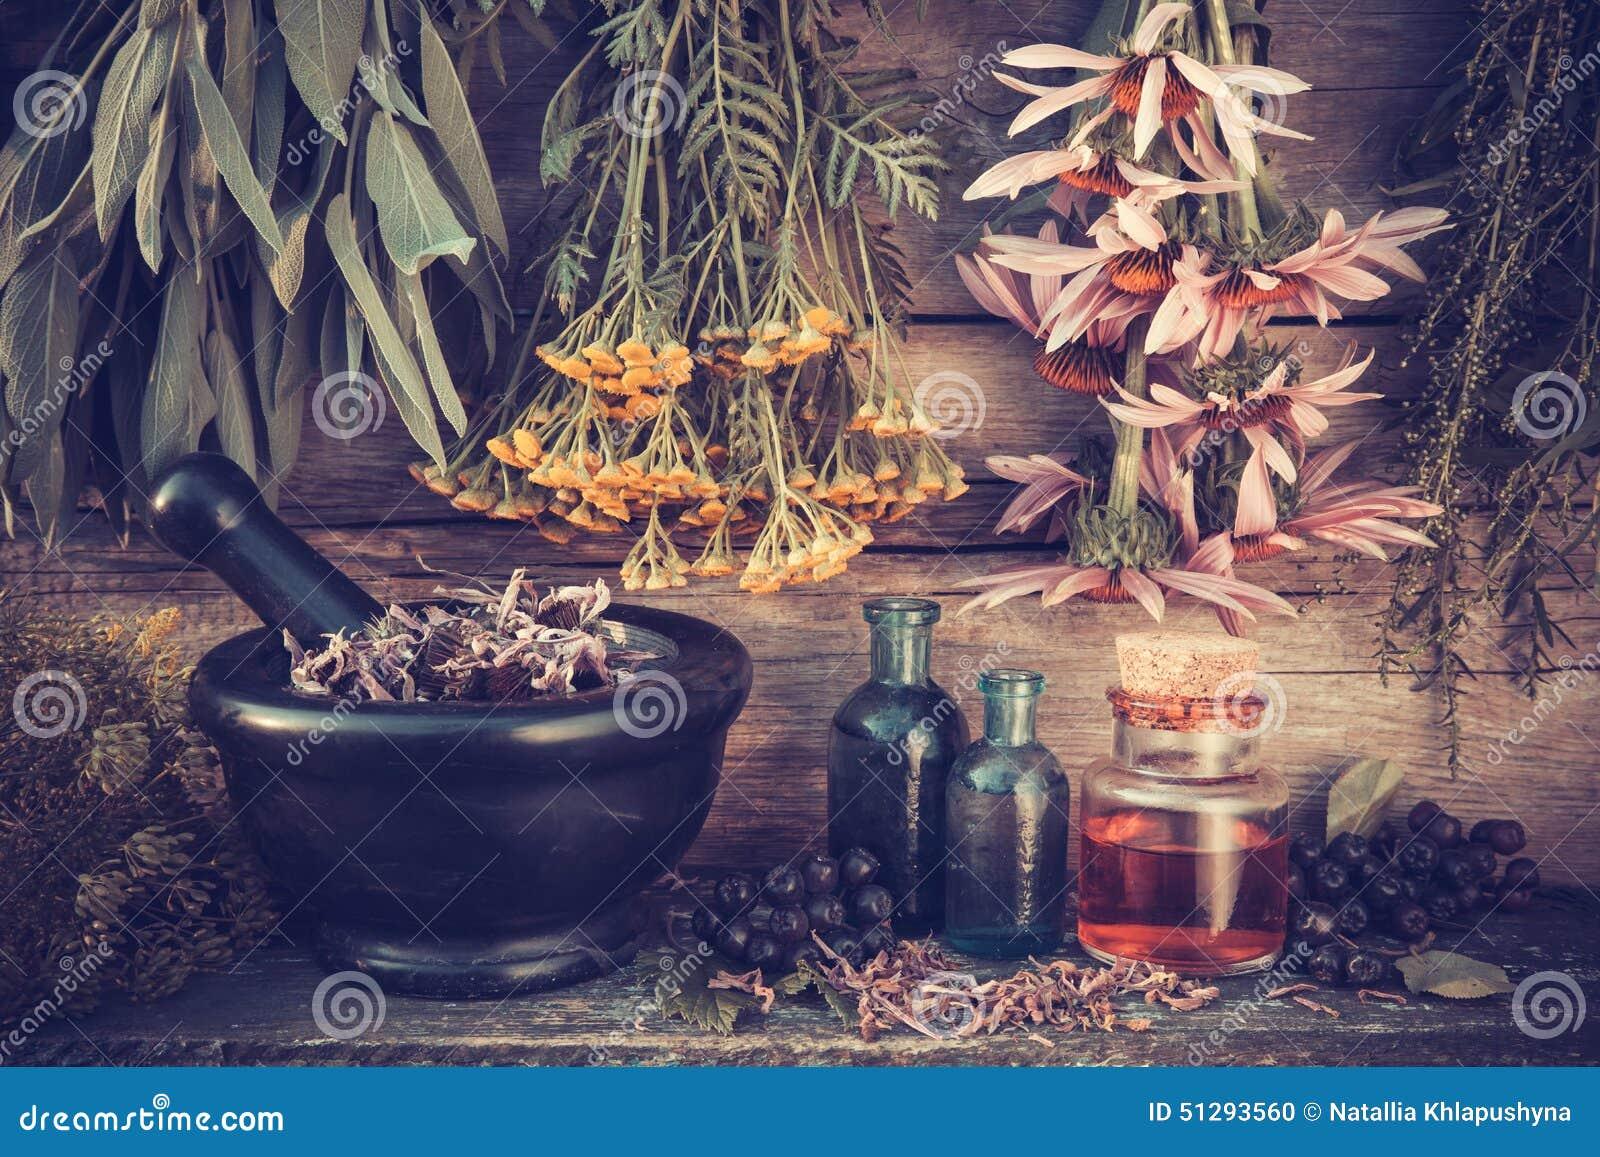 Wijnoogst gestileerde foto van het helen van kruidenbossen en mortier